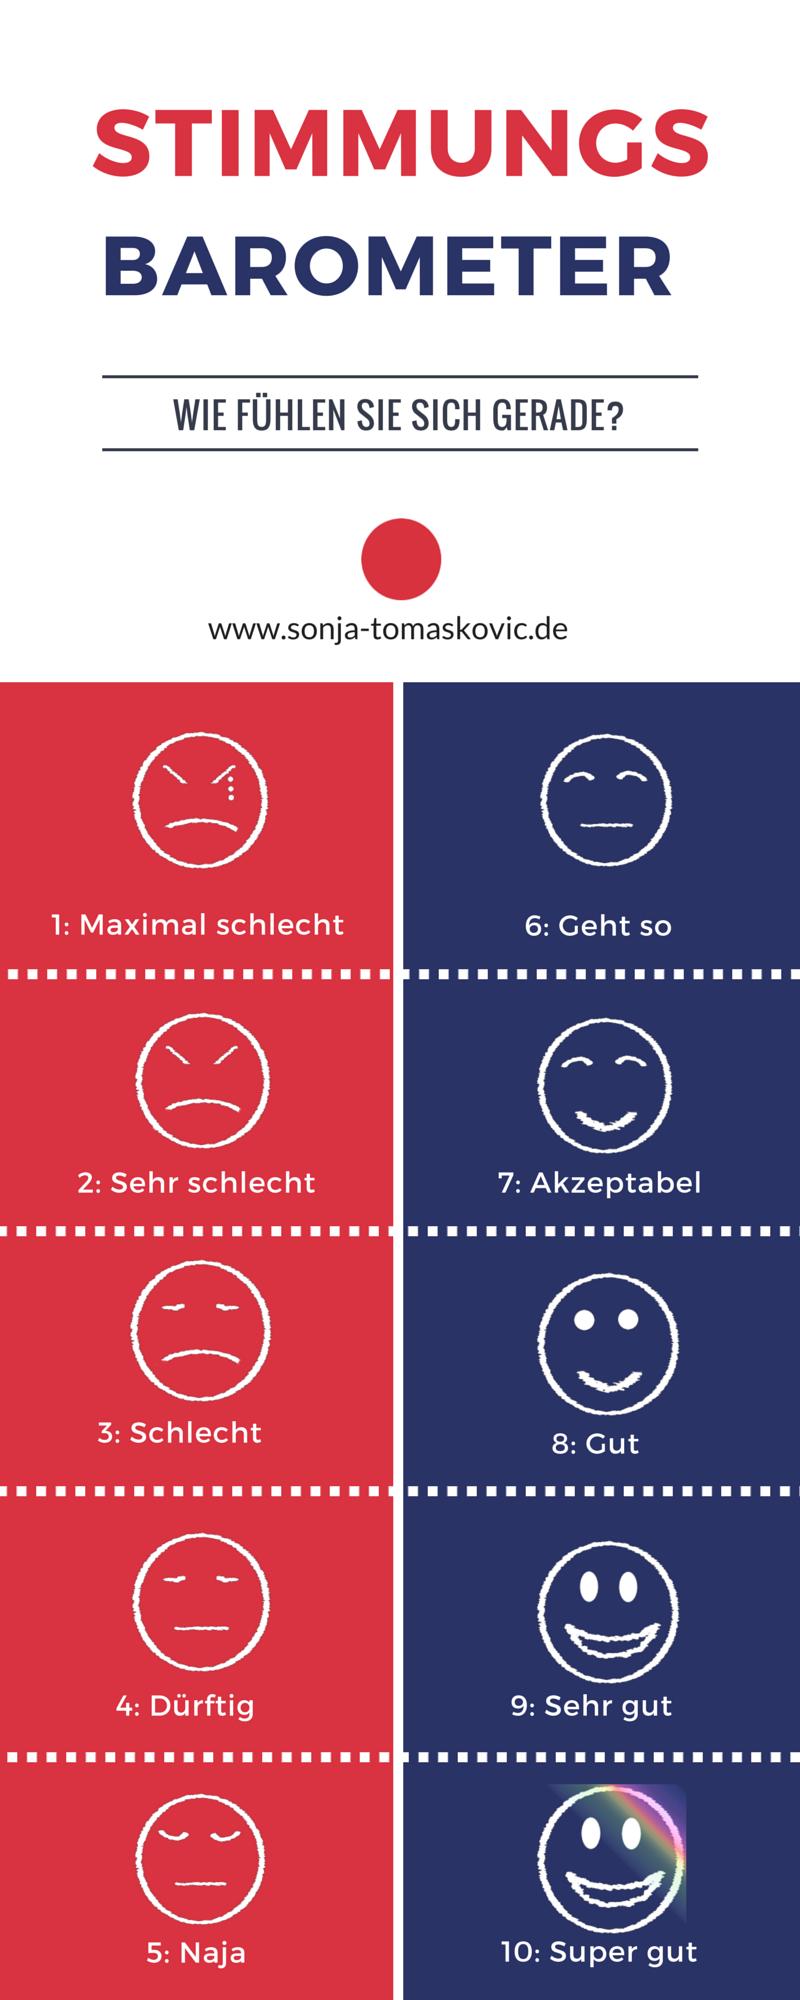 Welchen Nutzen Das Stimmungsbarometer Fur Sie Haben Kann Barometer Stimmung Stimmungsbarometer